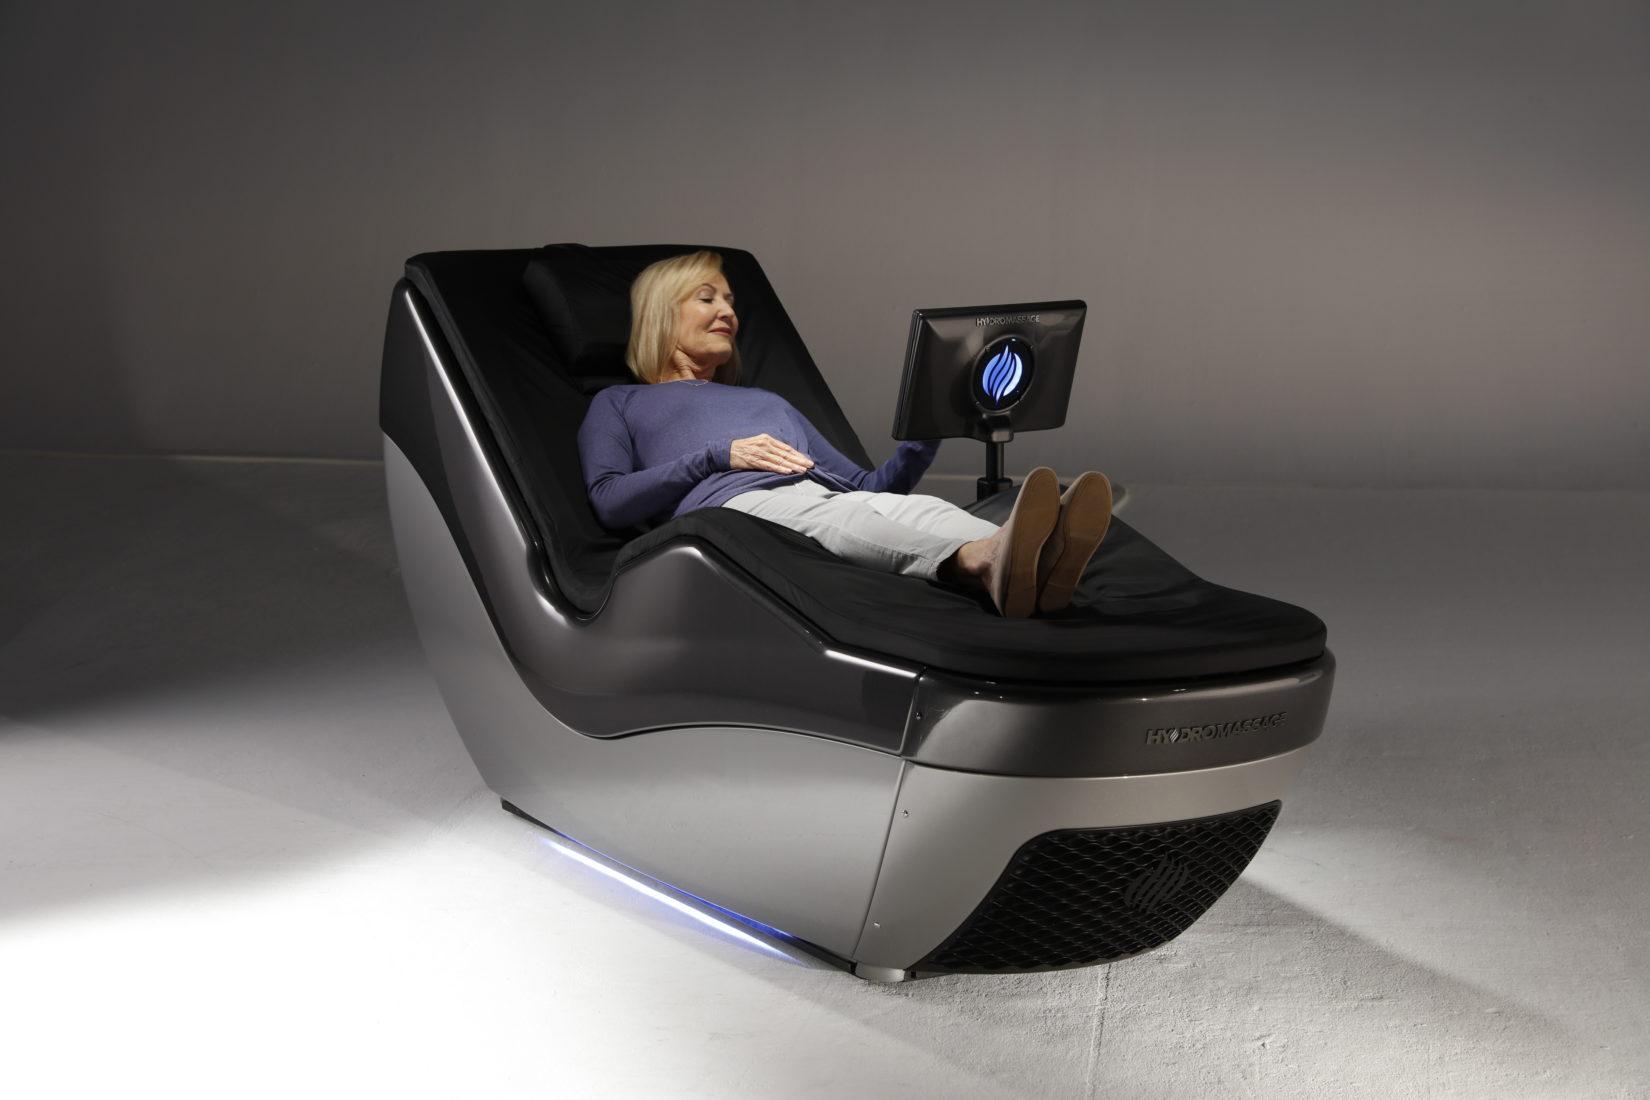 HydroMassage Lounge 440X water massage